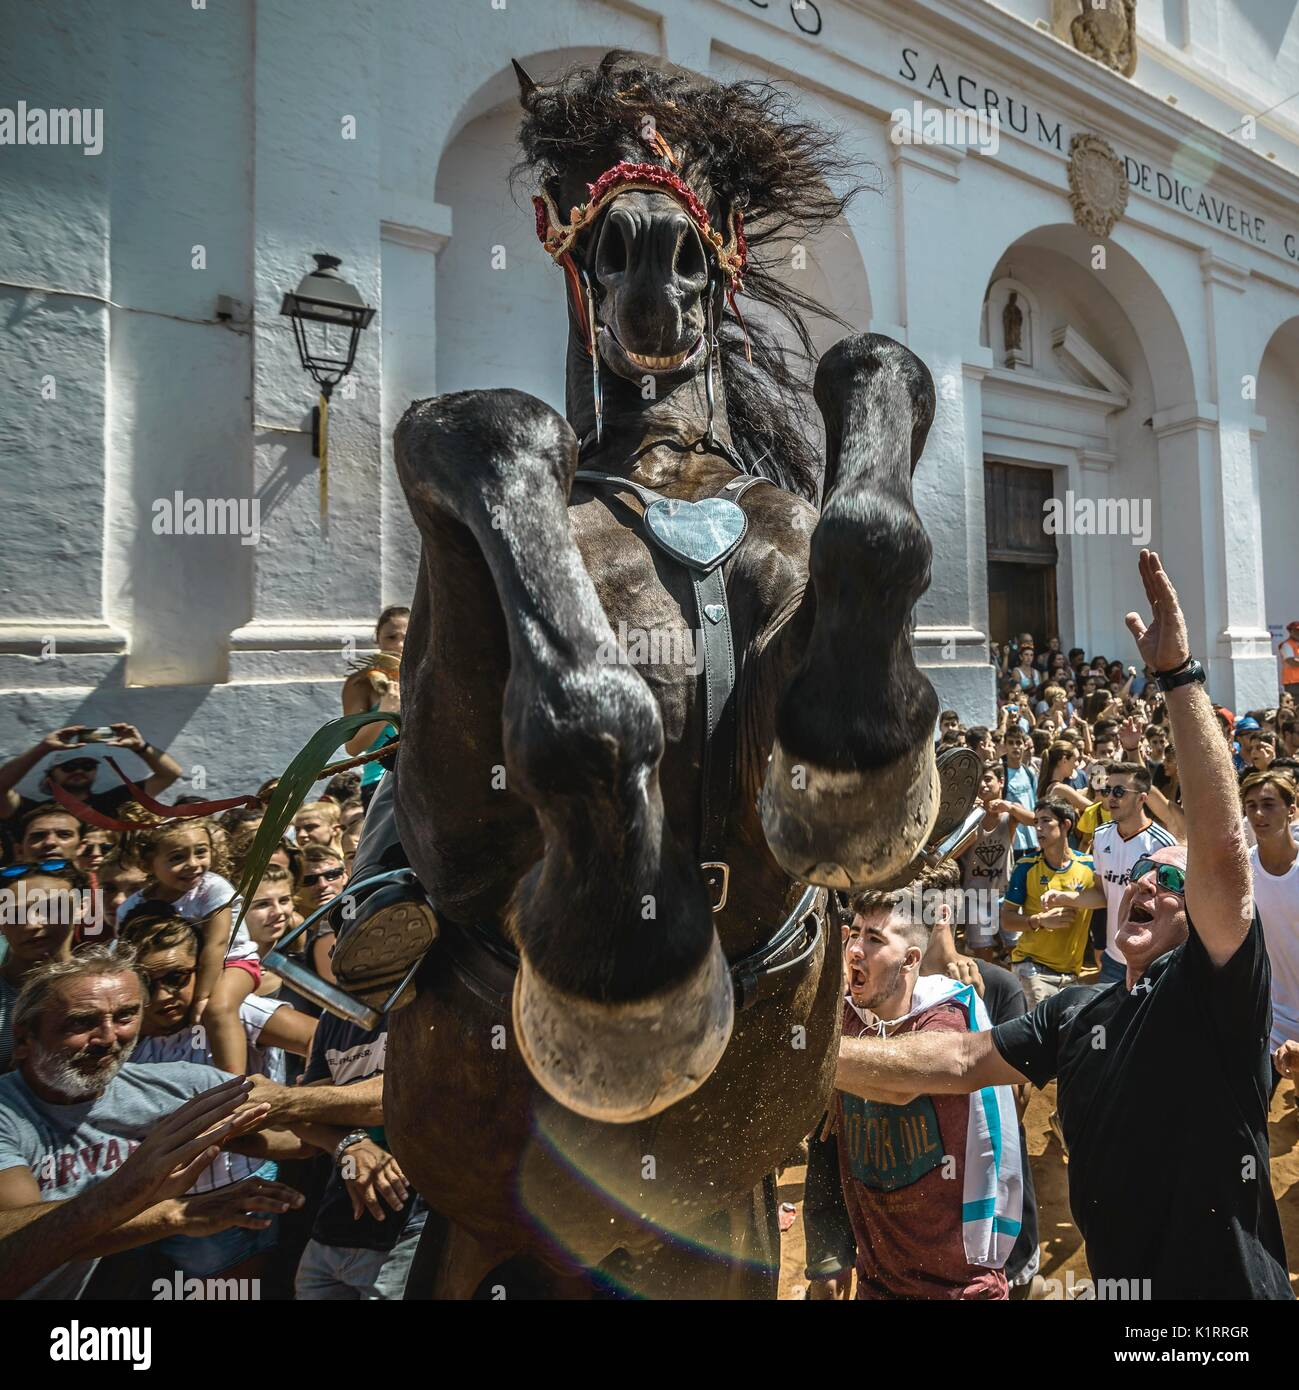 Sant Lluis, Spagna. 27 Agosto 2017: un 'caixer' (cavallo Cavaliere) alleva  fino a cavallo tra il tifo folla durante il